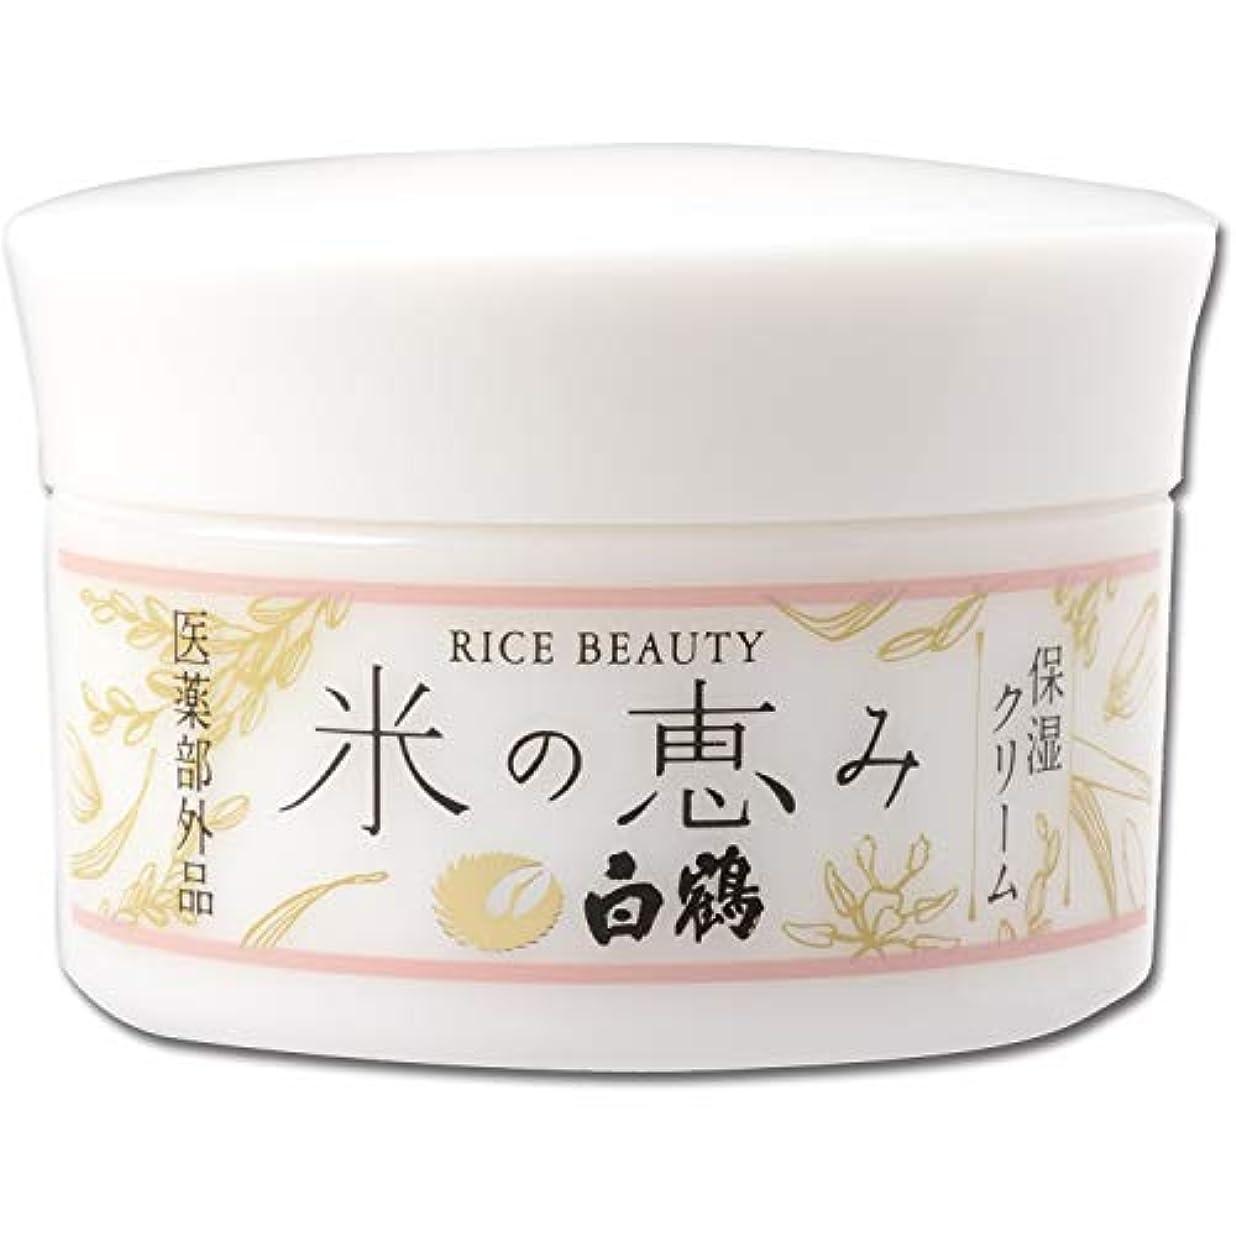 池証書流行白鶴 ライスビューティー 米の恵み 保湿クリーム 48g (医薬部外品)